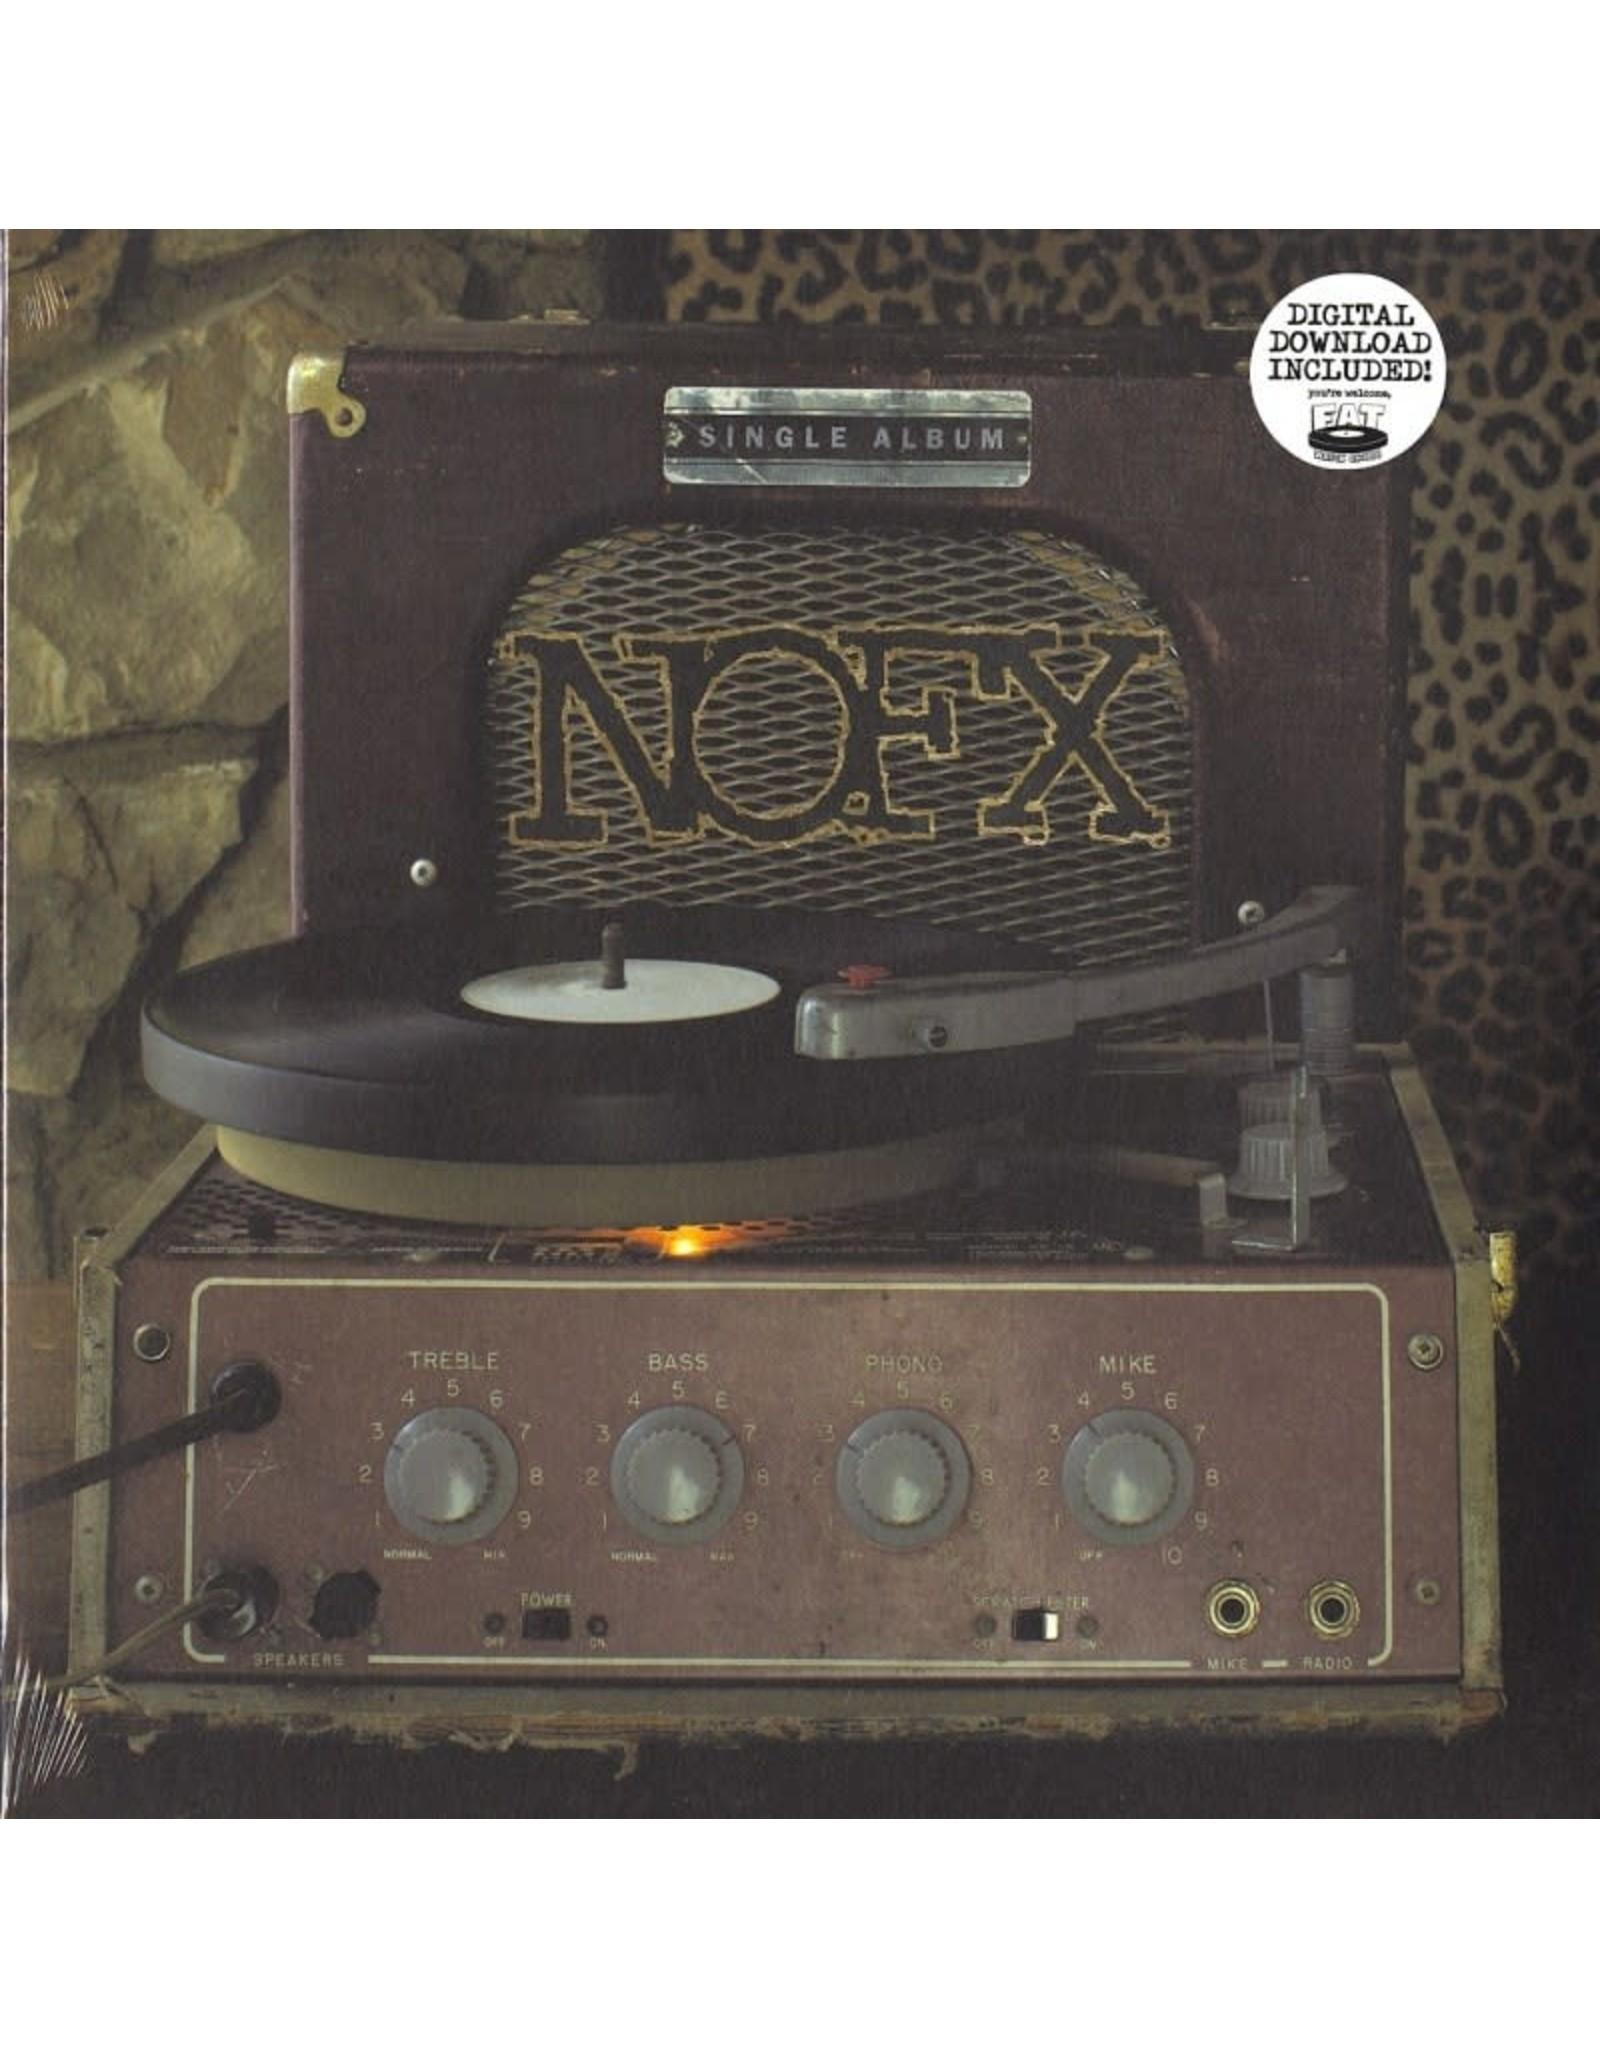 New Vinyl NOFX - Single Album LP